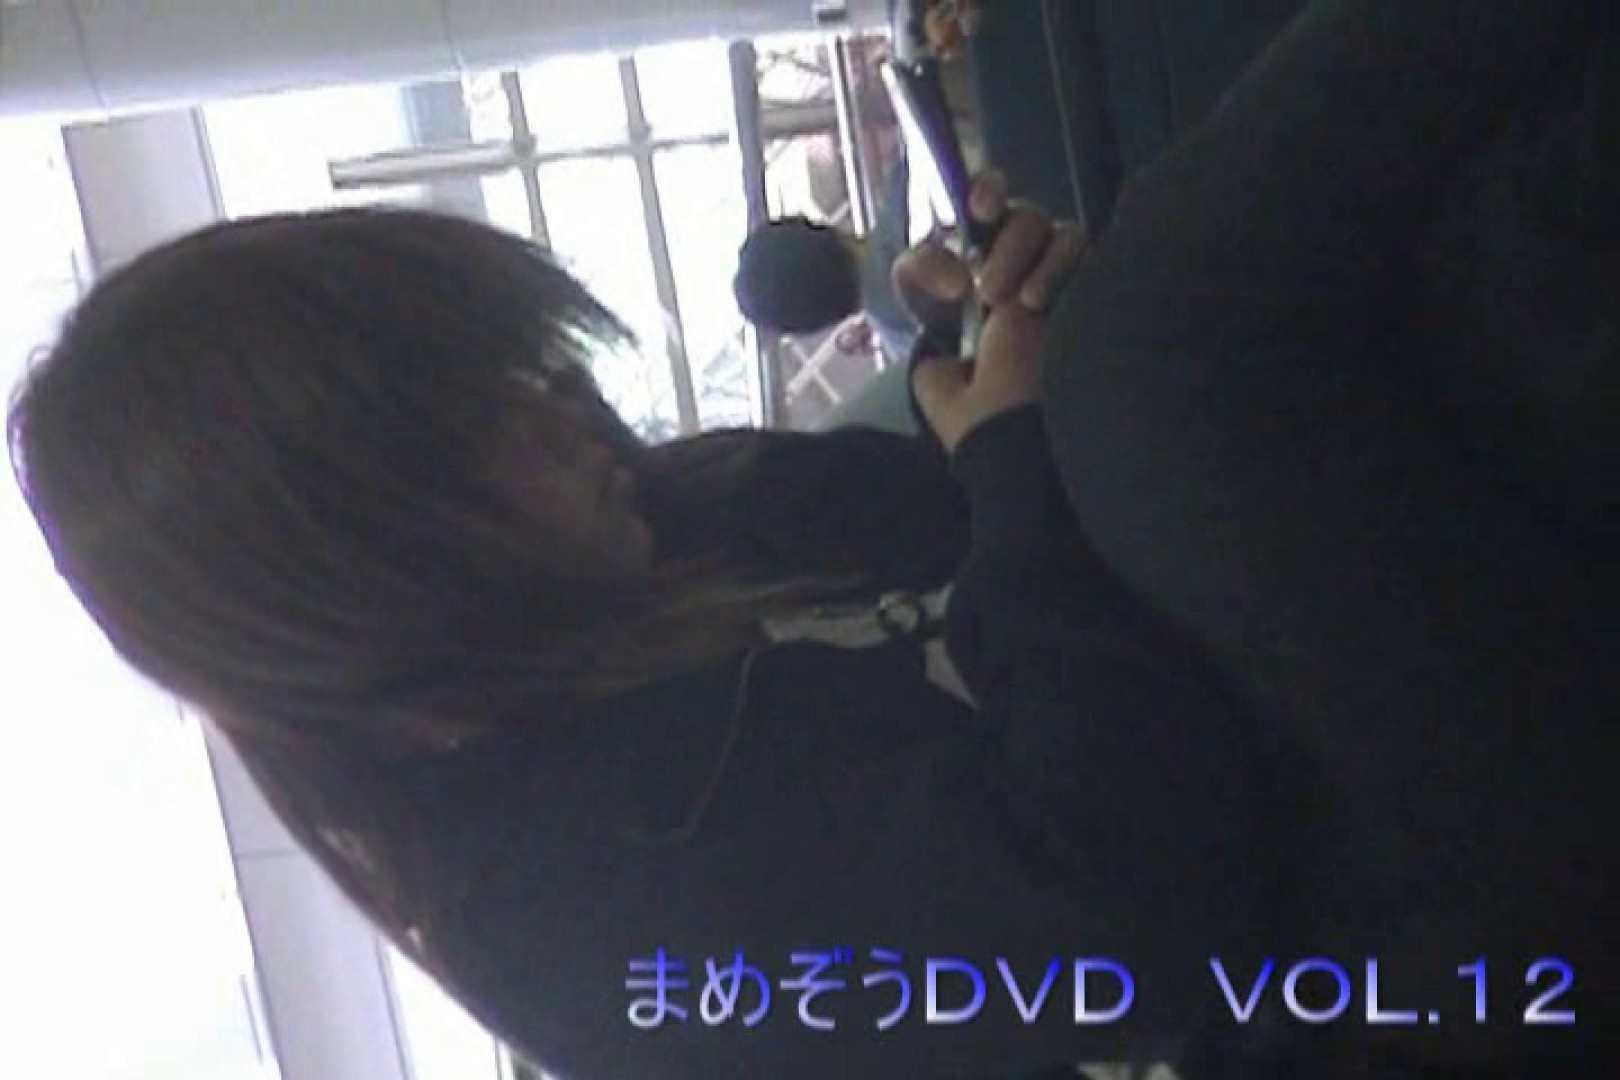 まめぞうDVD完全版VOL.12 ギャル  55連発 54